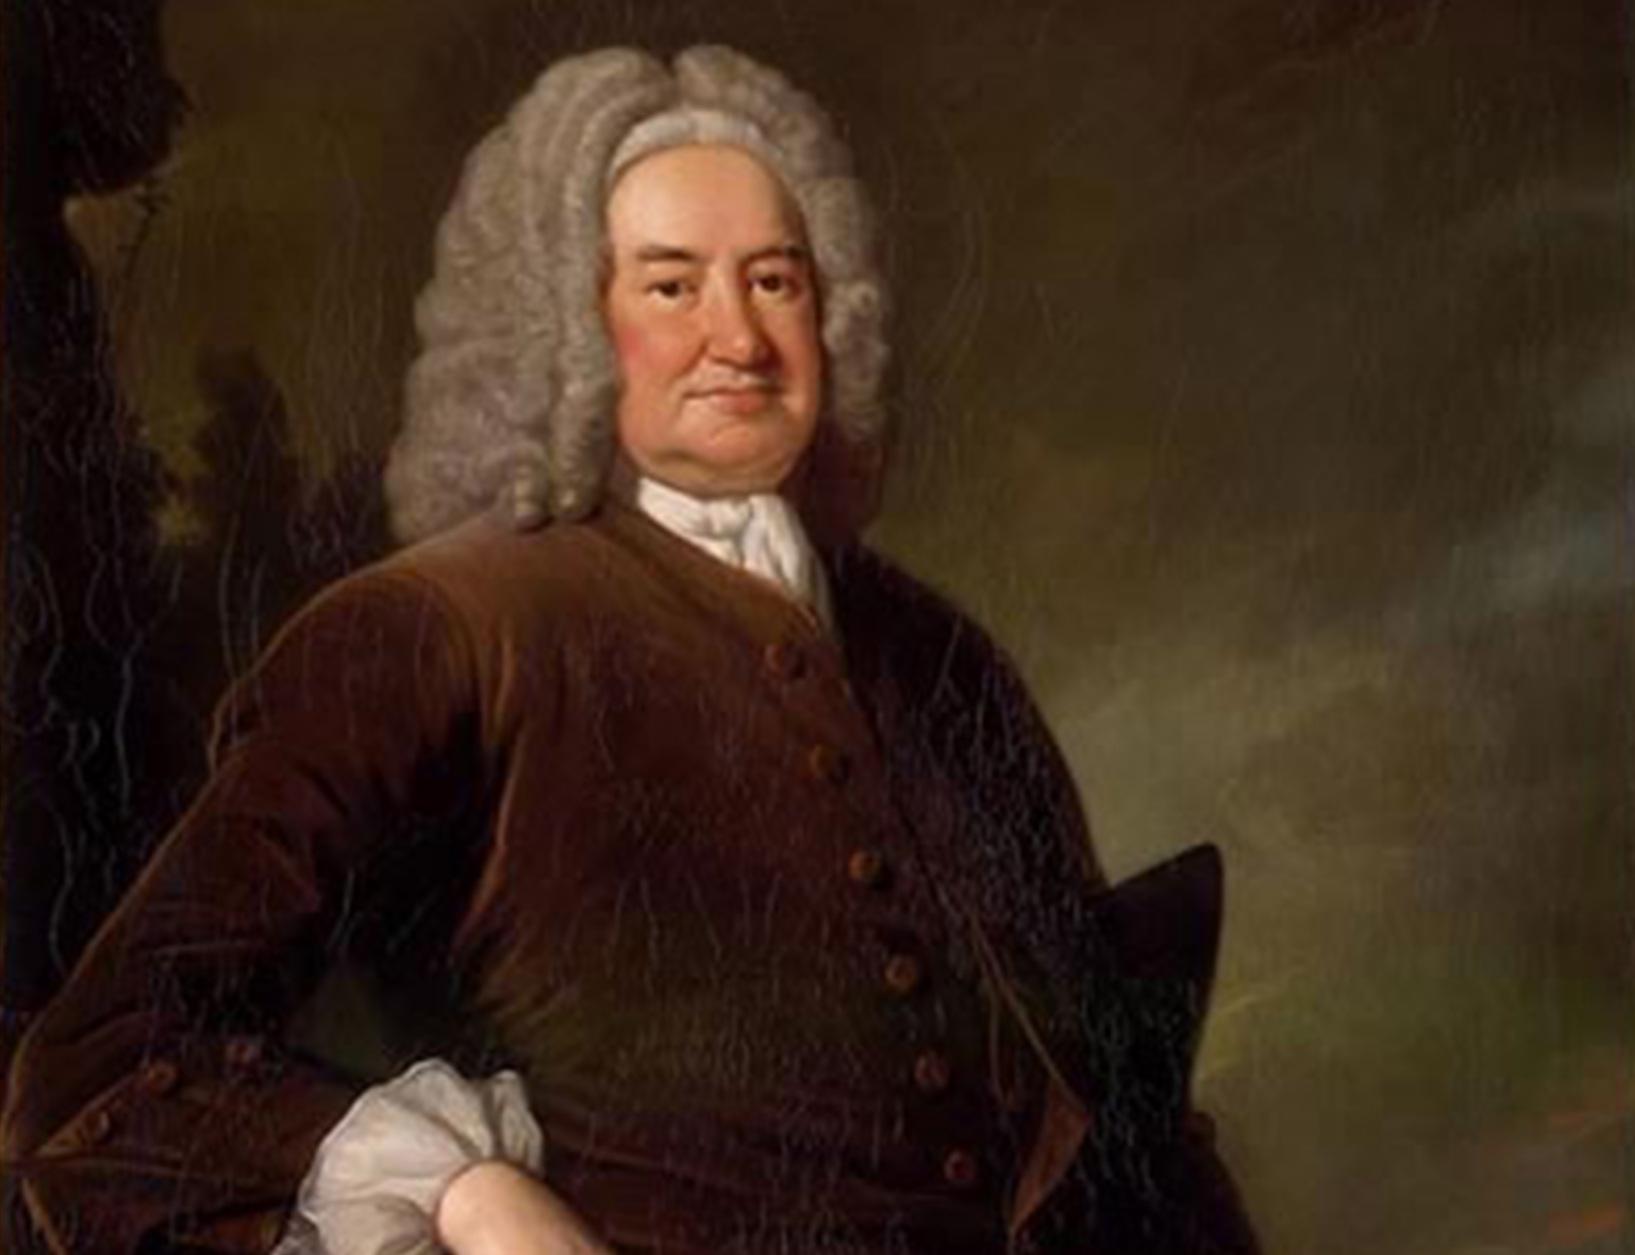 Sir John Norris, kallad Foul Weather Jack eftersom hans fartyg ofta hamnade i dåligt väder, ledde den brittiska Östersjöflotta som först slogs med danskarna mot svenska flottan och sedan med den svenska flottan mot Ryssland. Porträtt av George Knapton, cirka 1735.